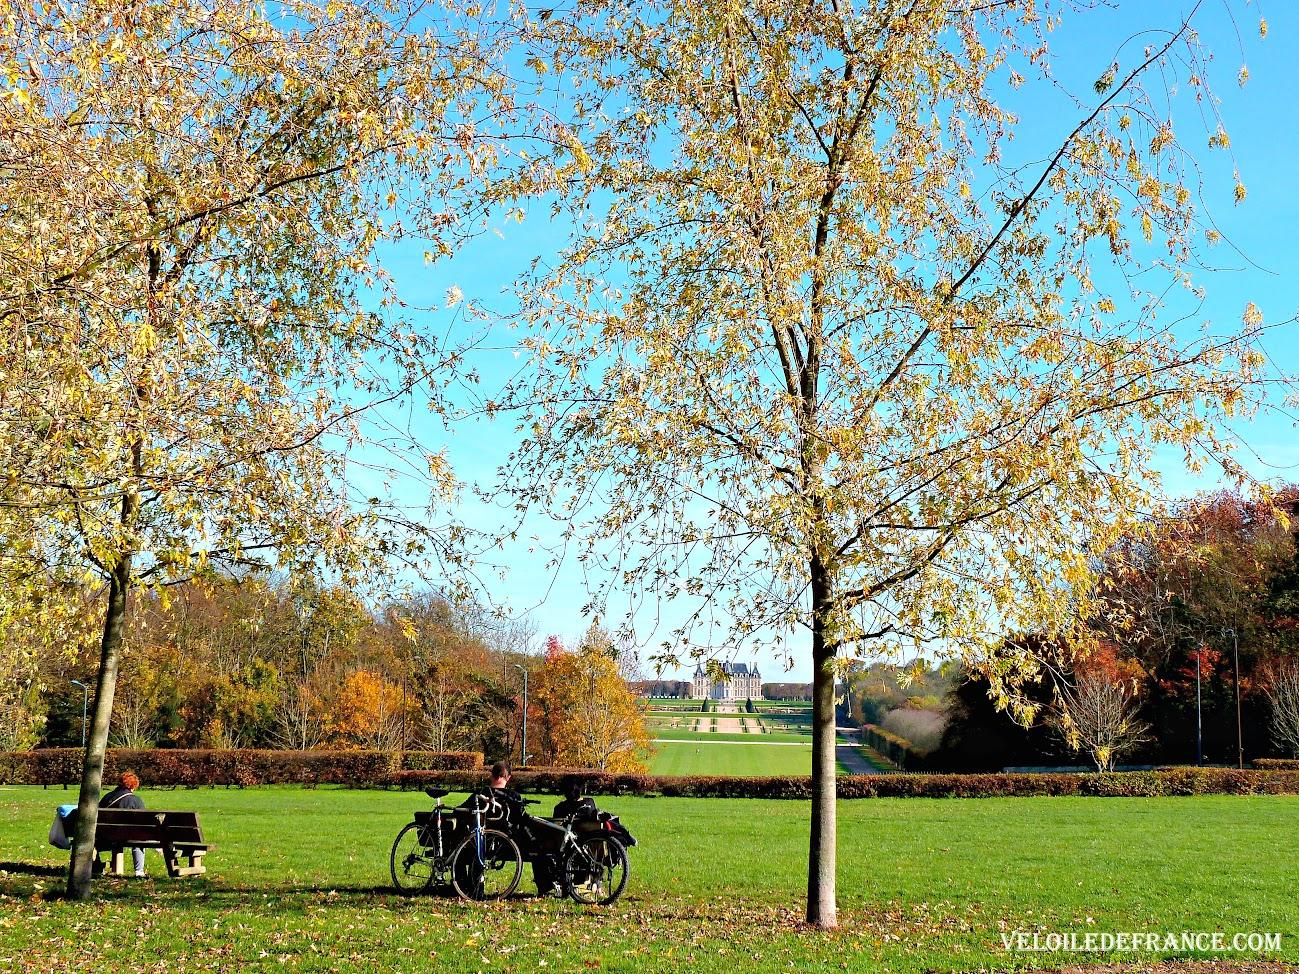 La Coulée Verte à Sceaux, avec vue sur le château de Sceaux  - Circuit à vélo entre Paris et Sceaux, le vallon des poètes par veloiledefrance.com